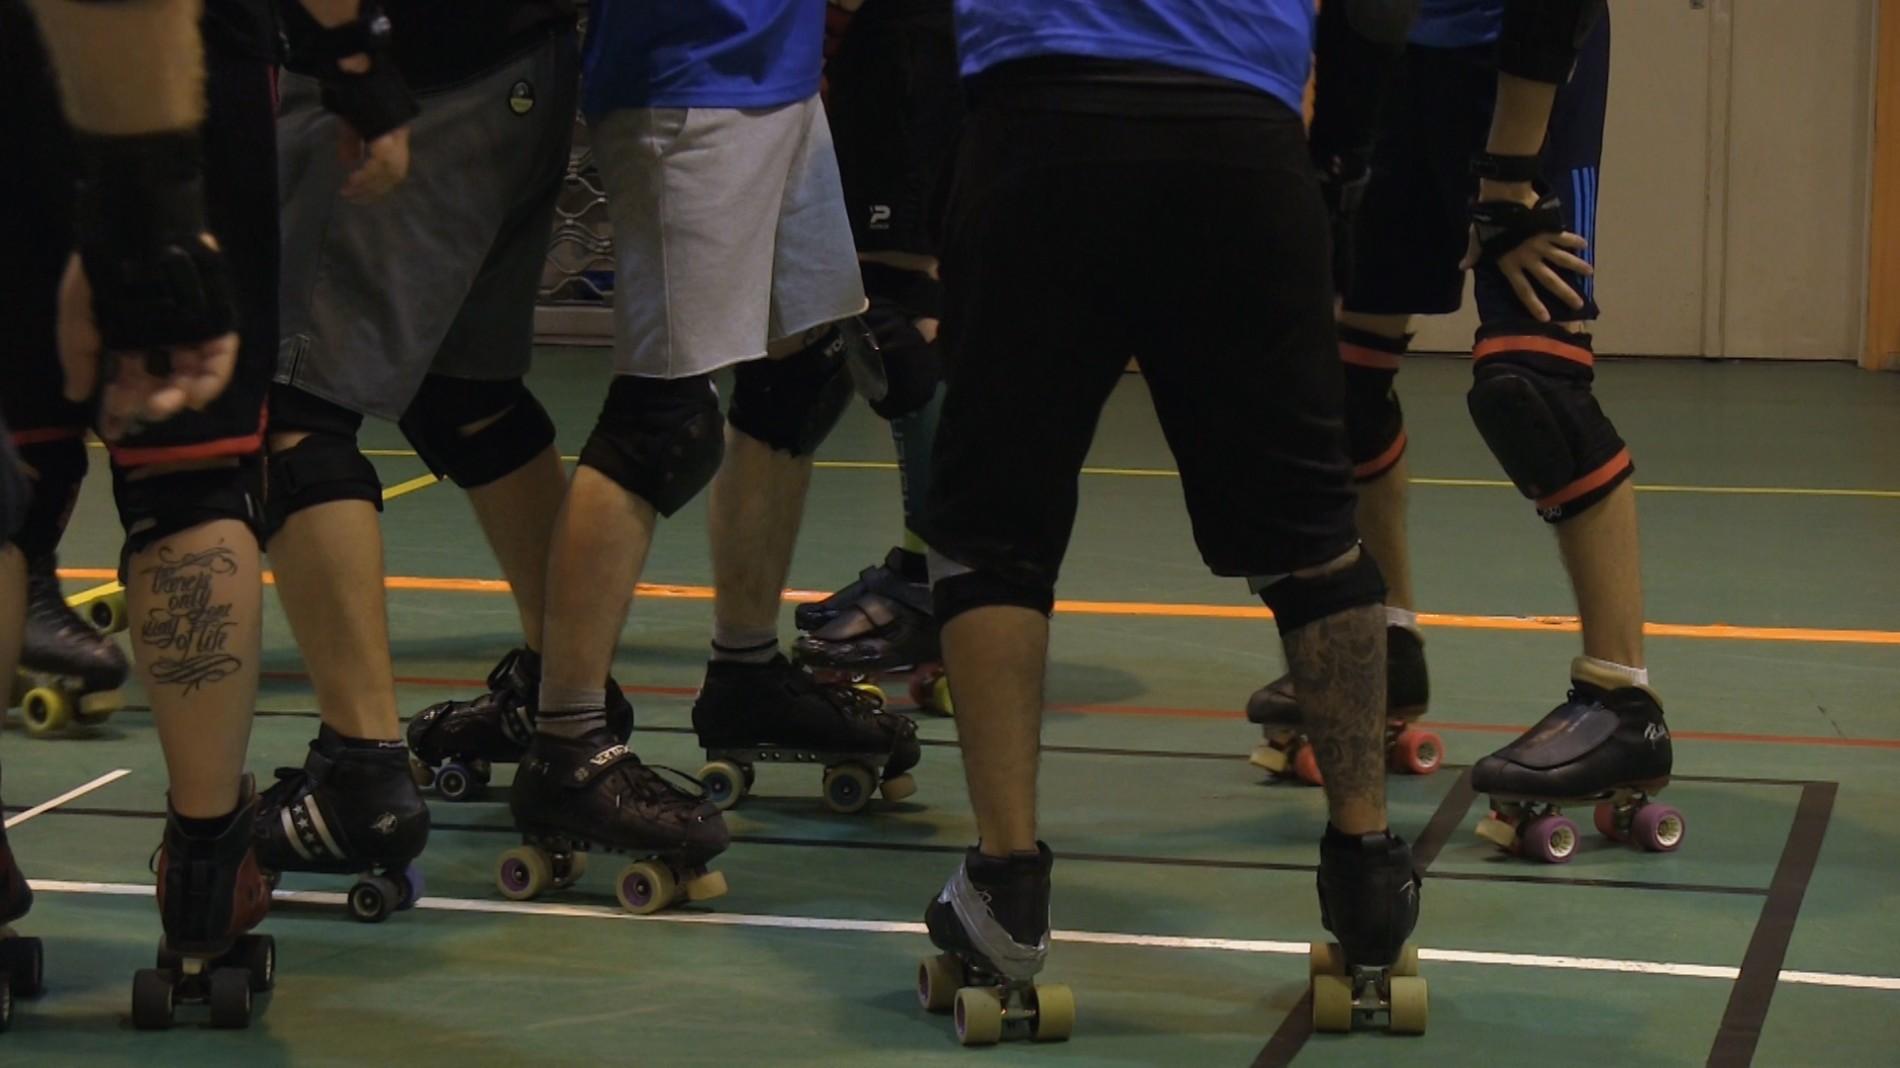 Les équipes de roller derby de Metz et Strasbourg réunies